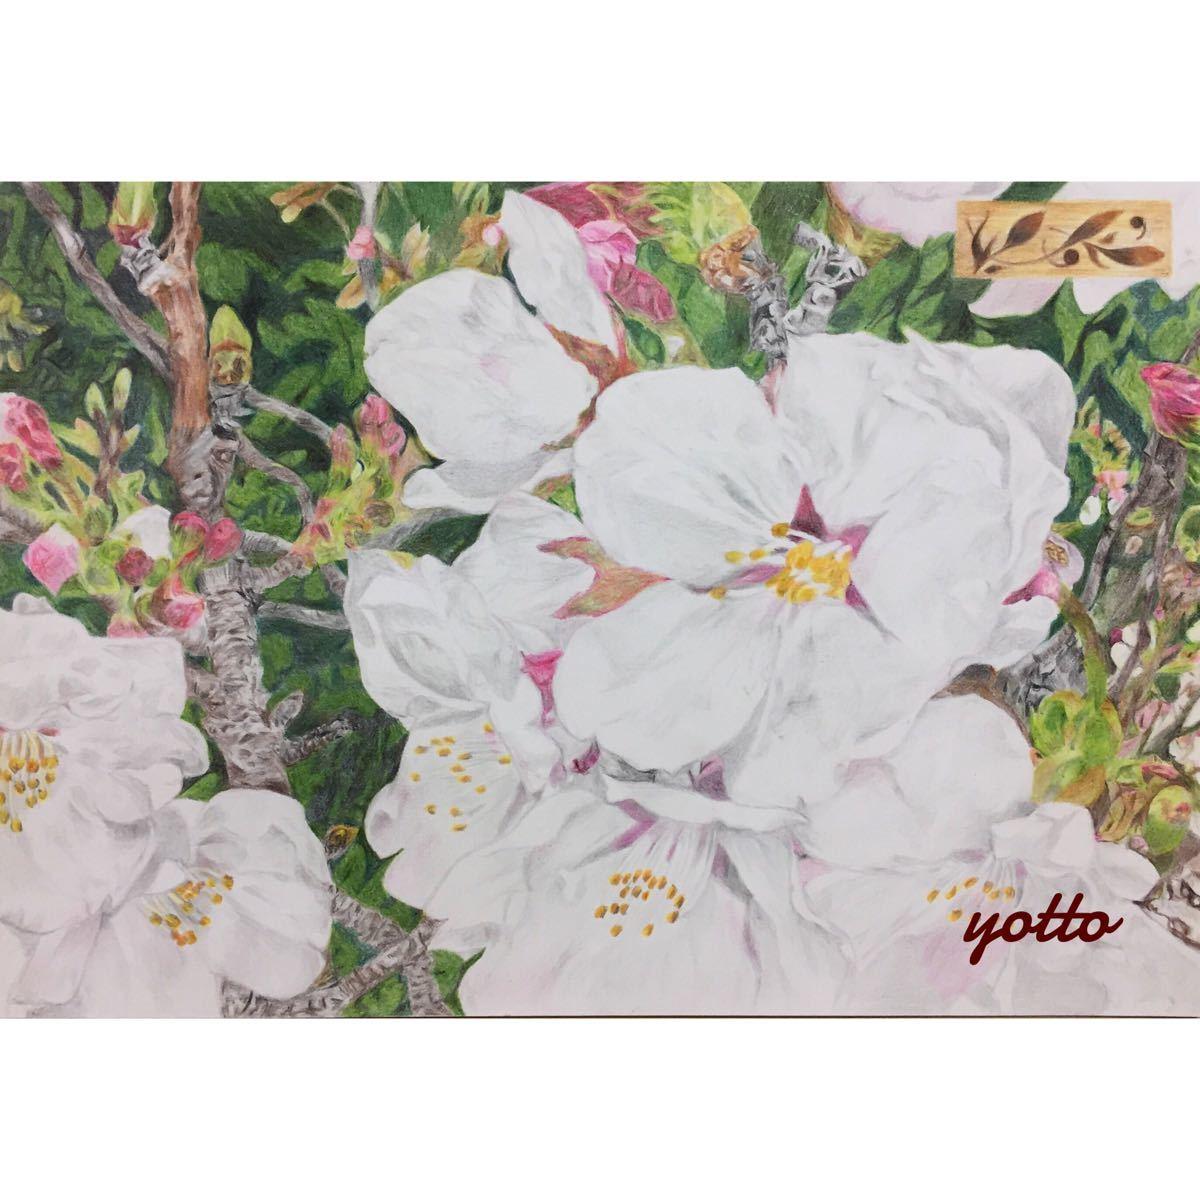 色鉛筆画「 いつか、また… 」A4・額付き◇◆手描き◇原画◆桜・花・風景画◆yotto_画像1